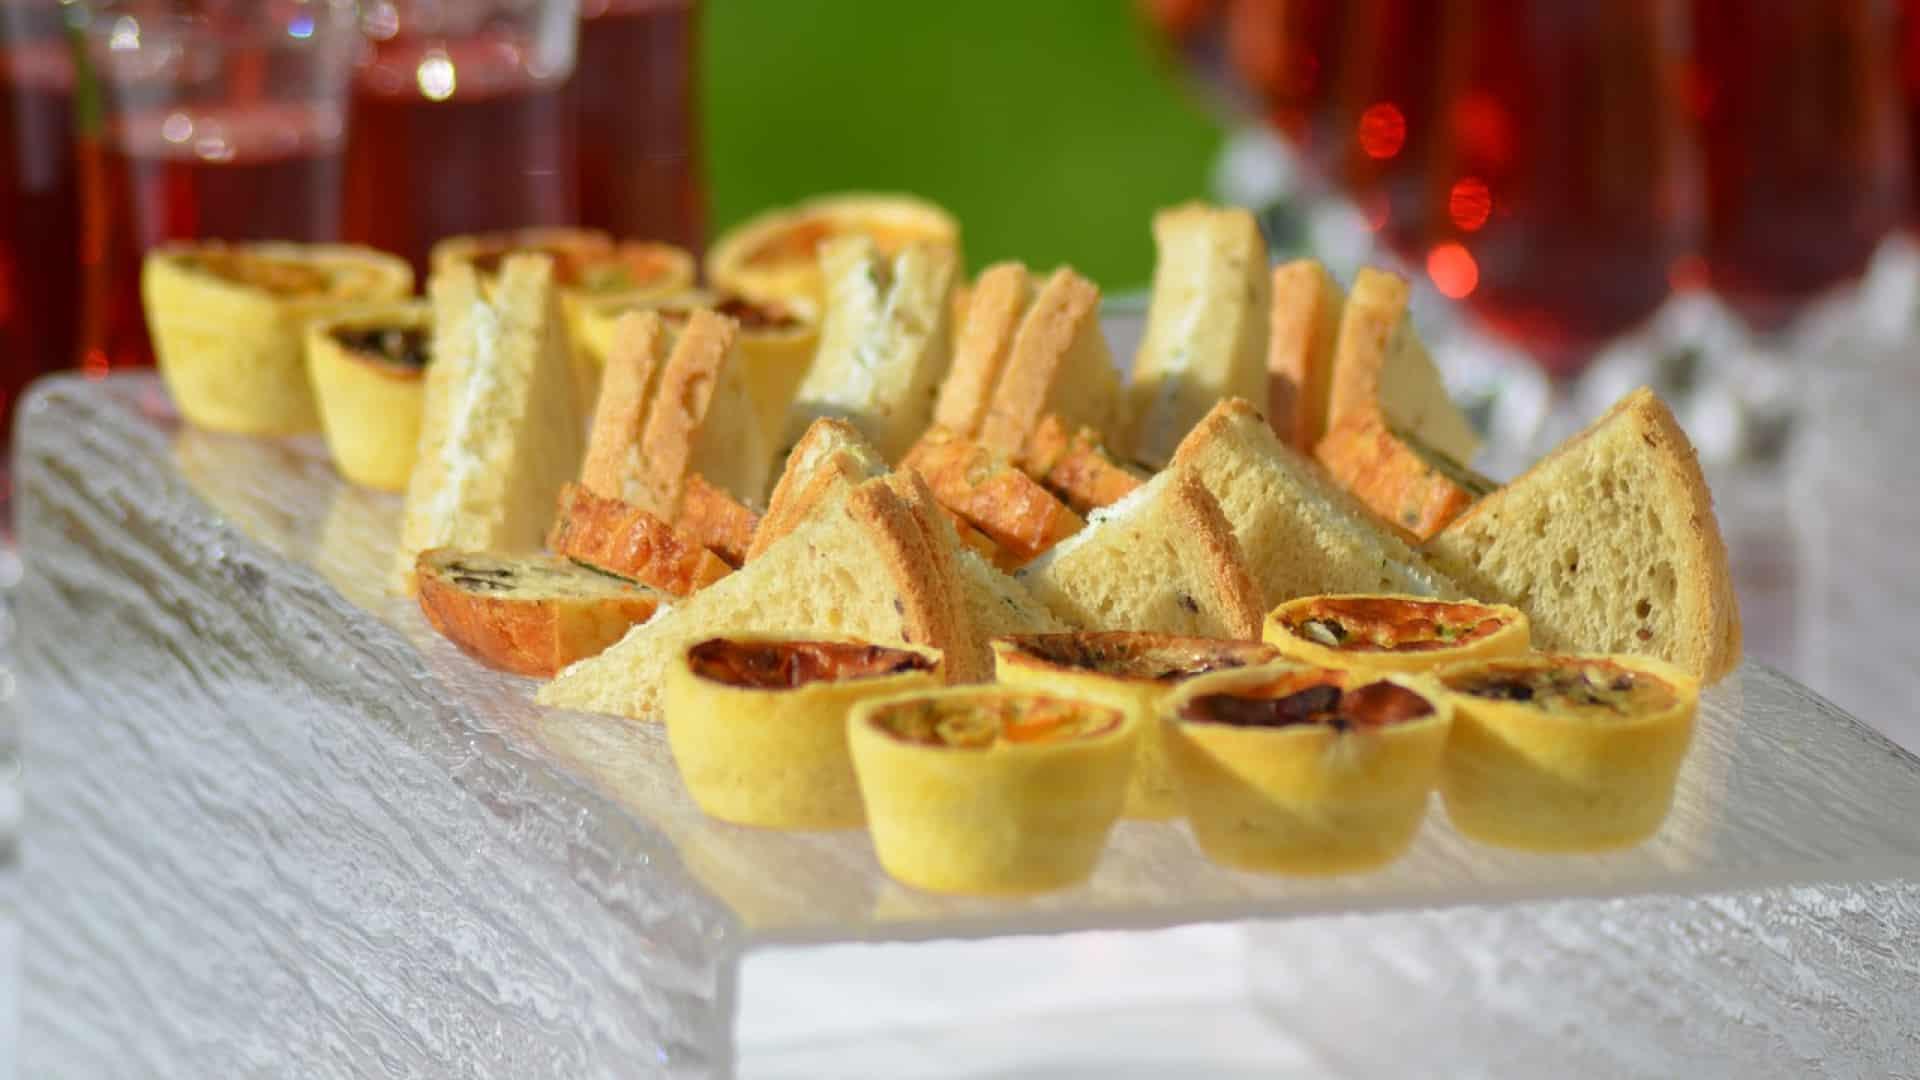 Comment faire voyager ses invités pour un apéro dînatoire ?